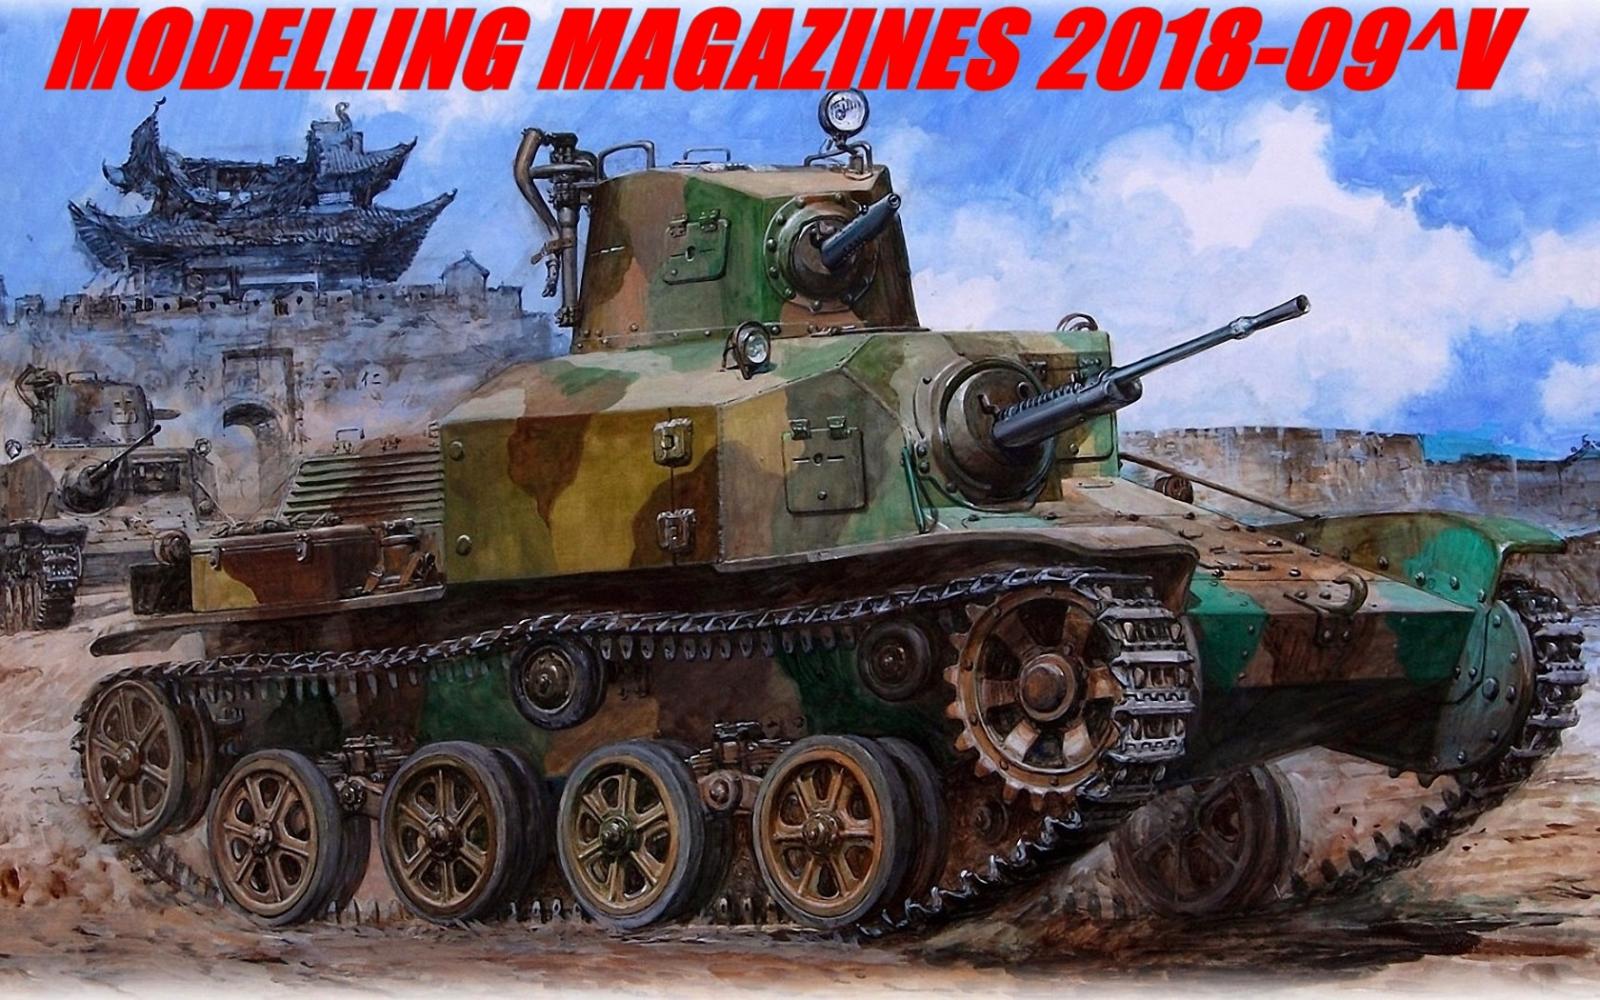 Modelling Magazines 2018-09